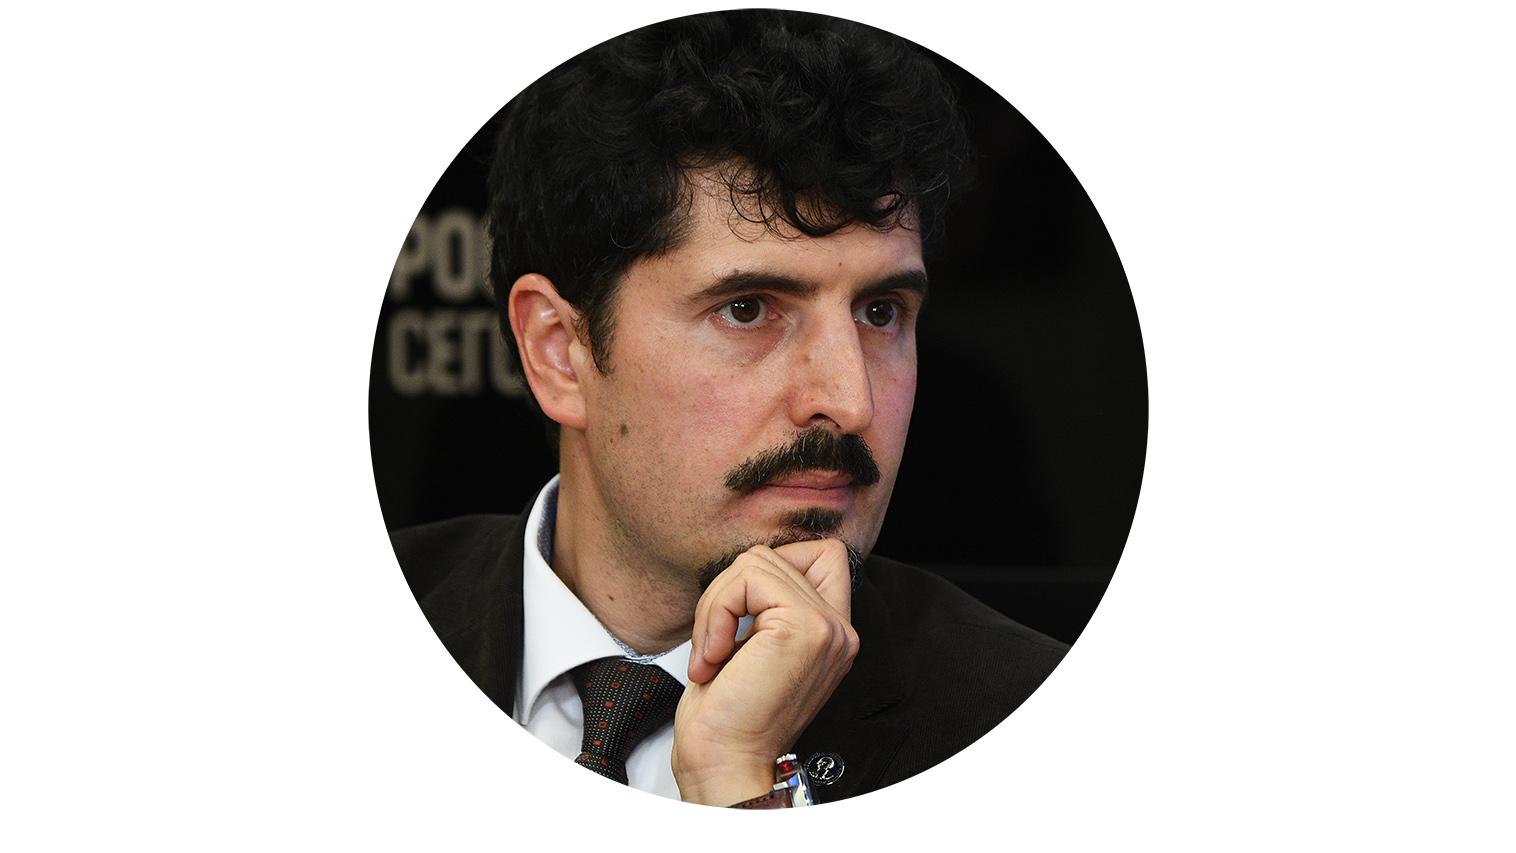 Михаил Липкин, директор Института всеобщей истории РАН, член-корреспондент РАН